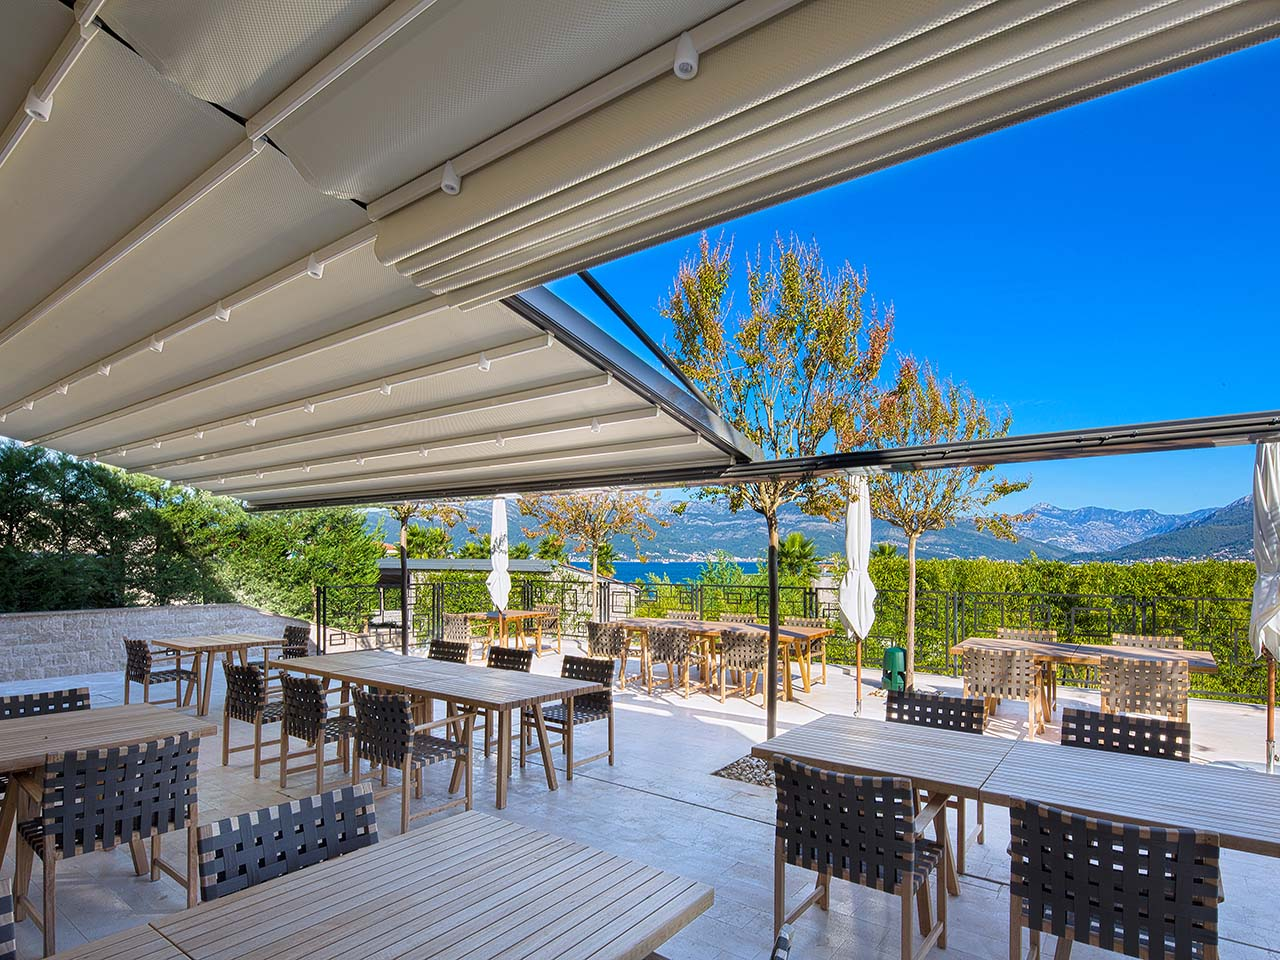 palmiye terrassenueberdachung gastronomie biergaerten freiflaechen 03 - Terrassenüberdachung für Biergärten & Freiflächen